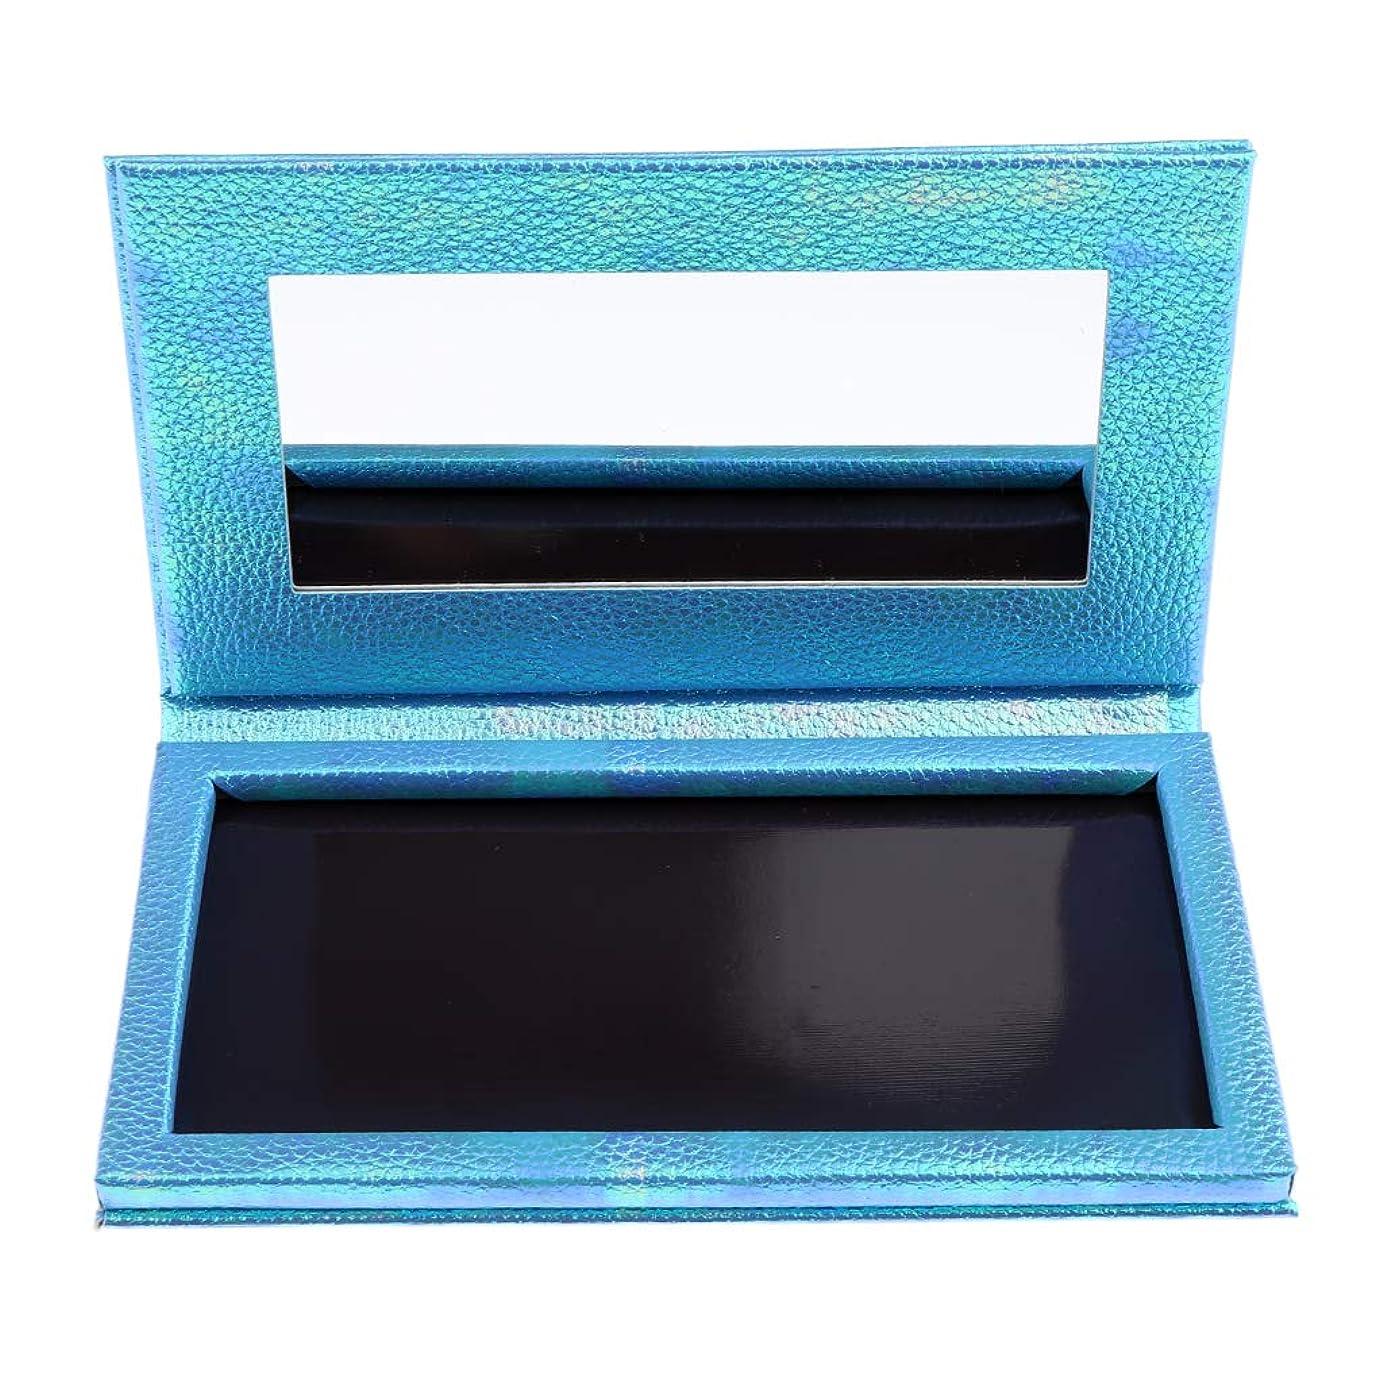 屈辱する期間約束するP Prettyia 空 磁気 アイシャドウボックス アイシャドウケース パレット 全2色 - 青